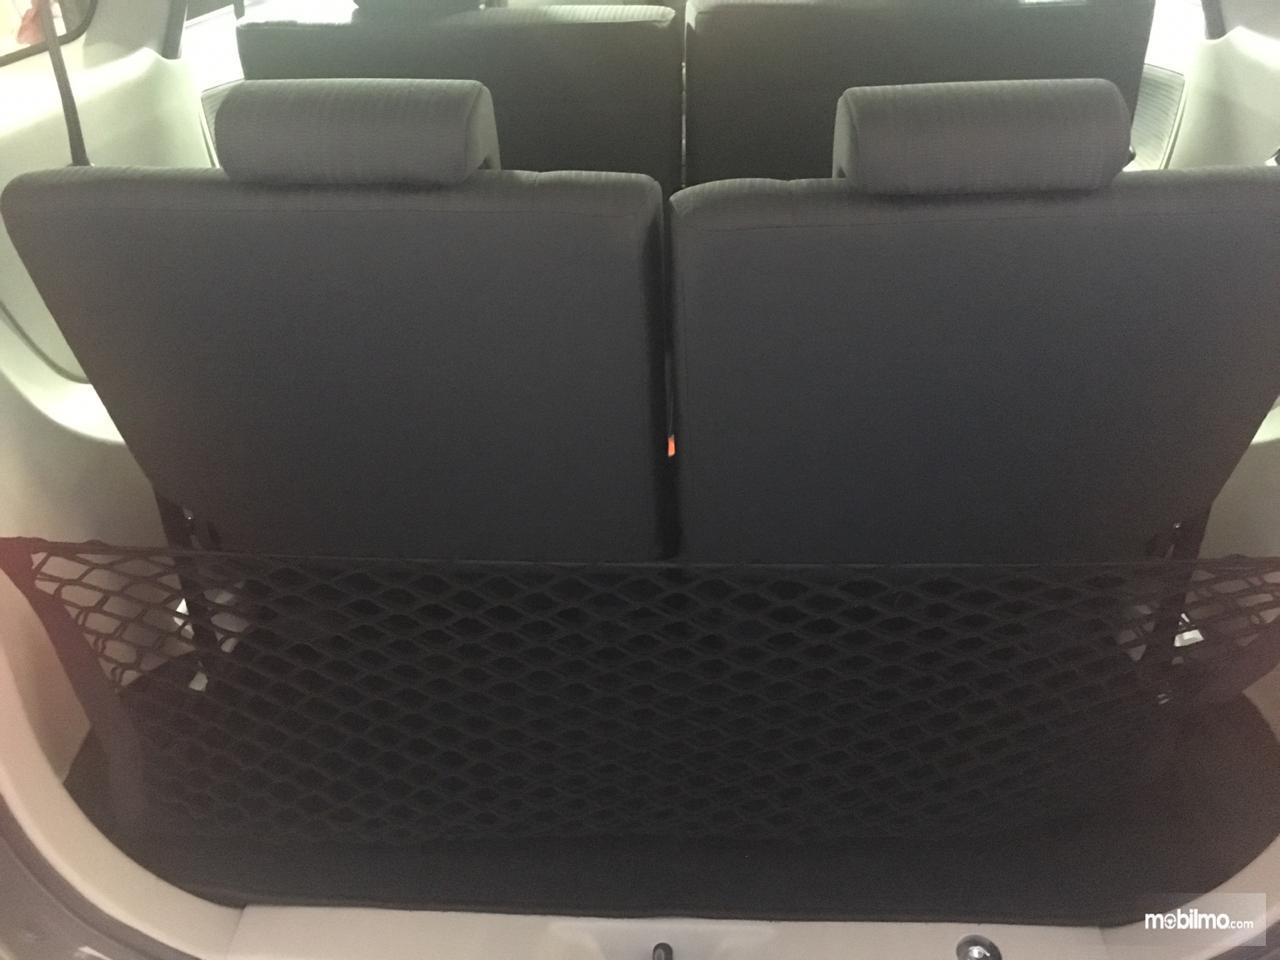 Tampak Bagasi Daihatsu Grand New Xenia R A/T 1.3 2019